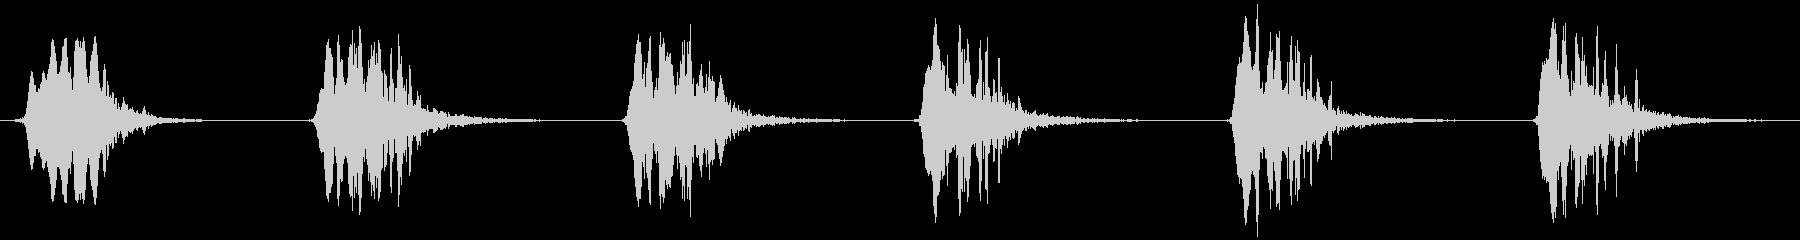 オジロワシの鳴き声の未再生の波形